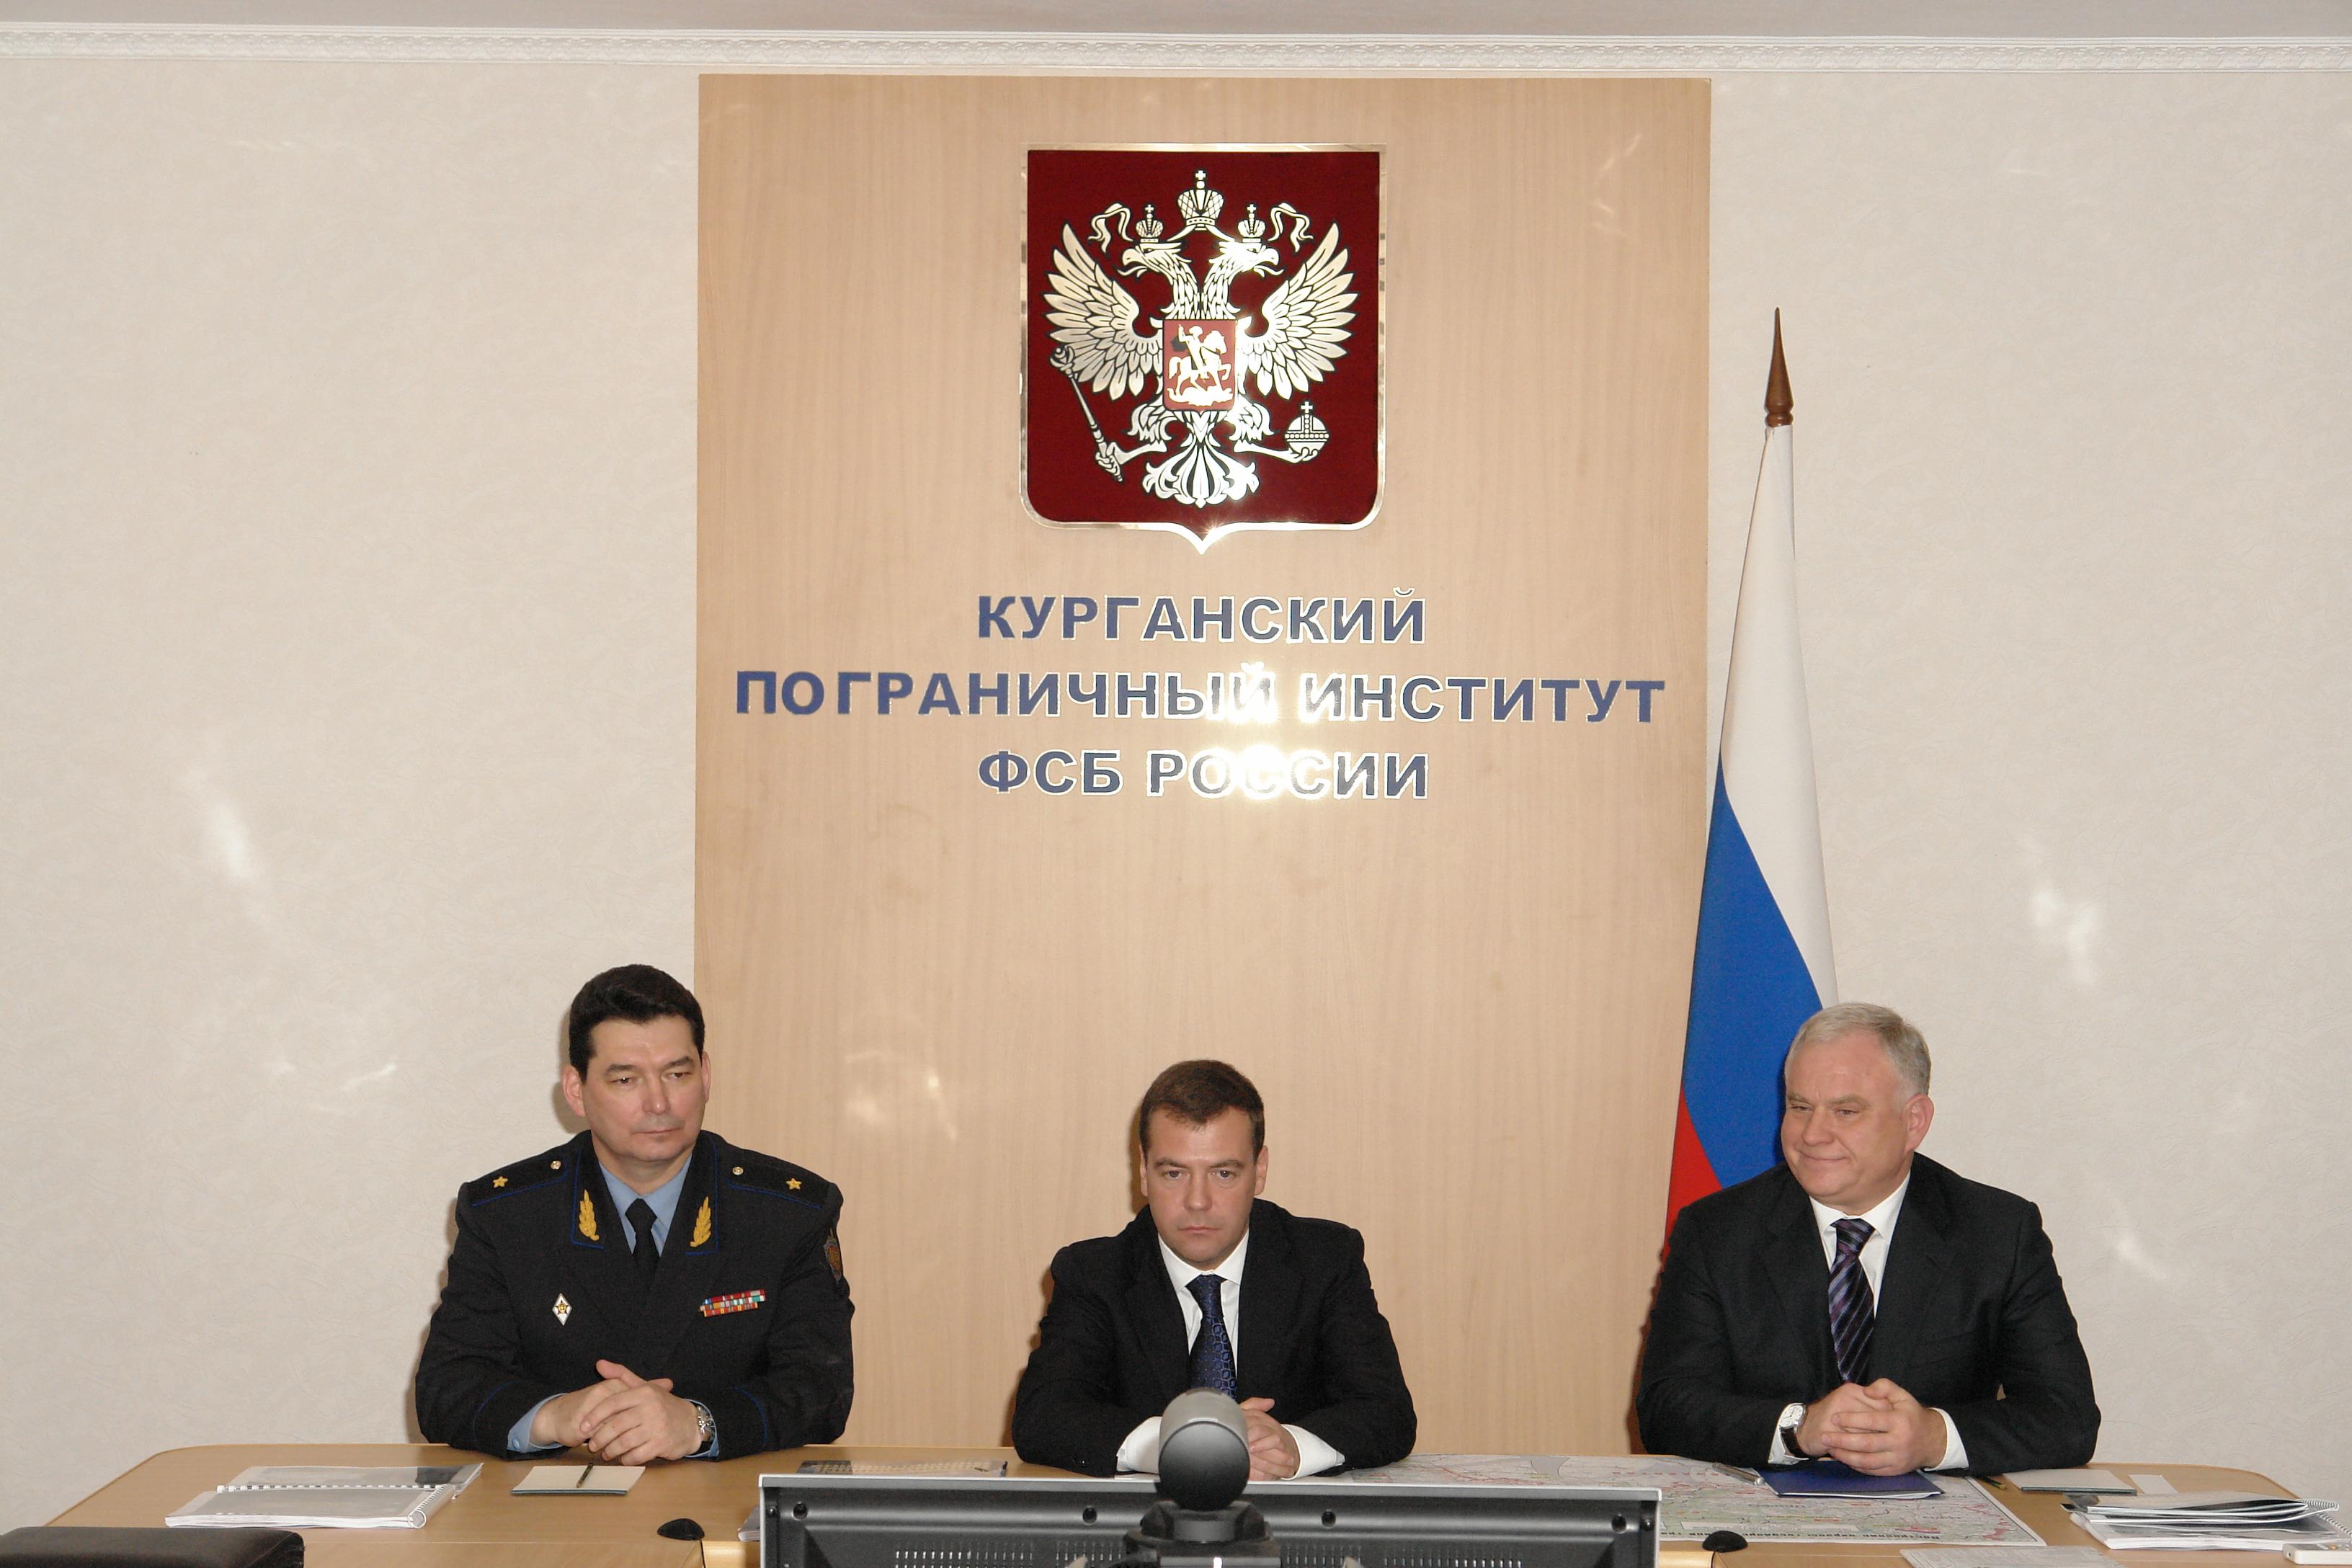 Визит президента россии дмитрия медведева в курганскую область начался с посещения курганского пограничного института